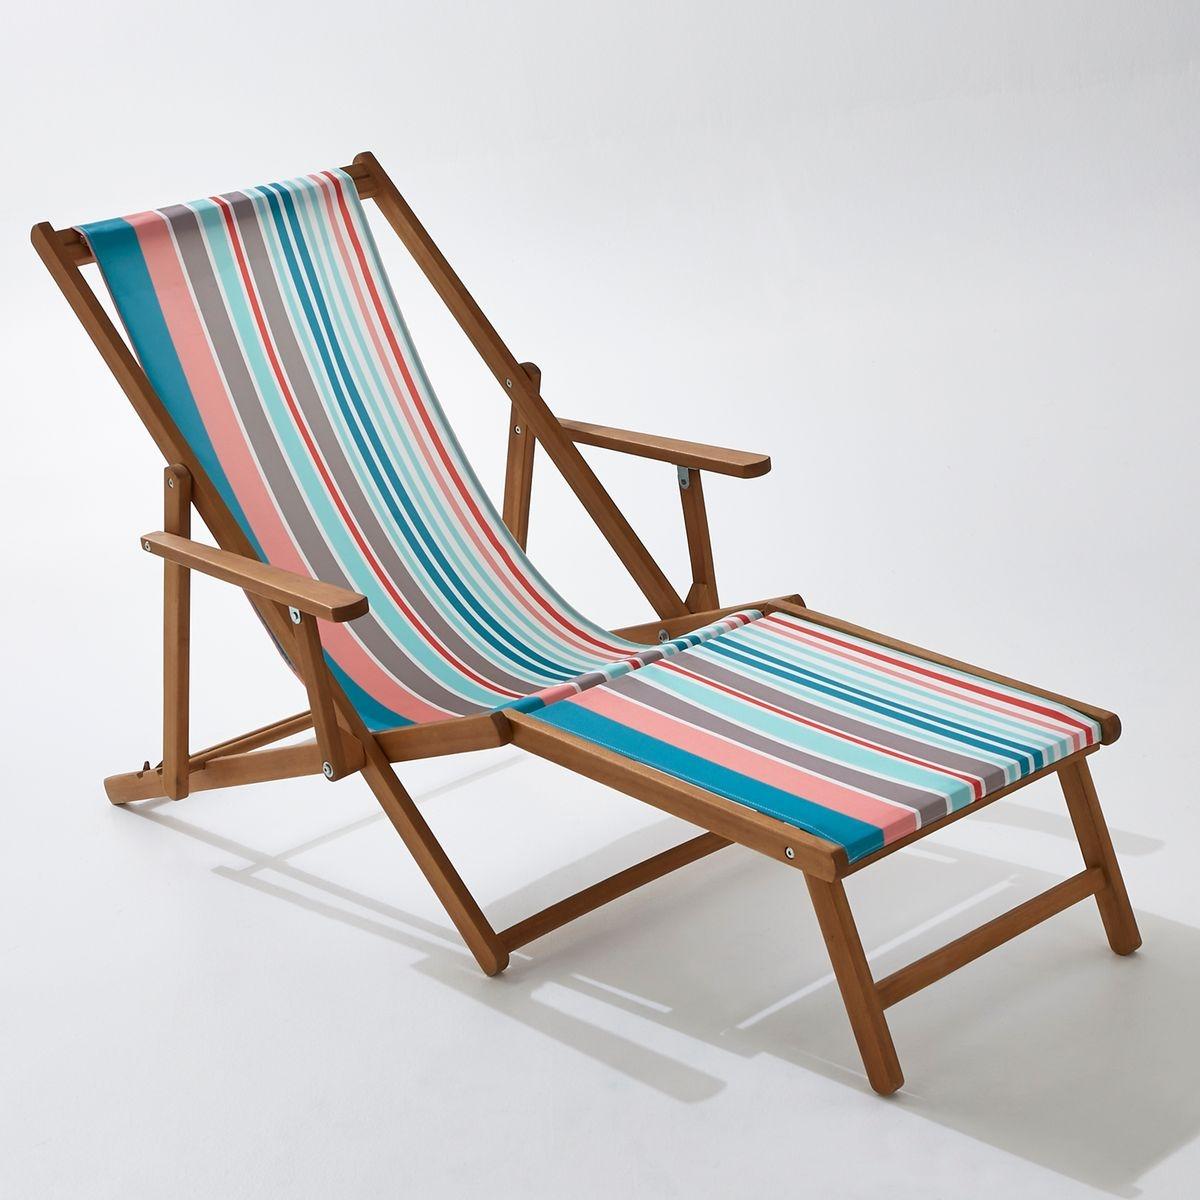 Bien choisir un transat en bois pas cher conseils et prix for Transat et chaise longue